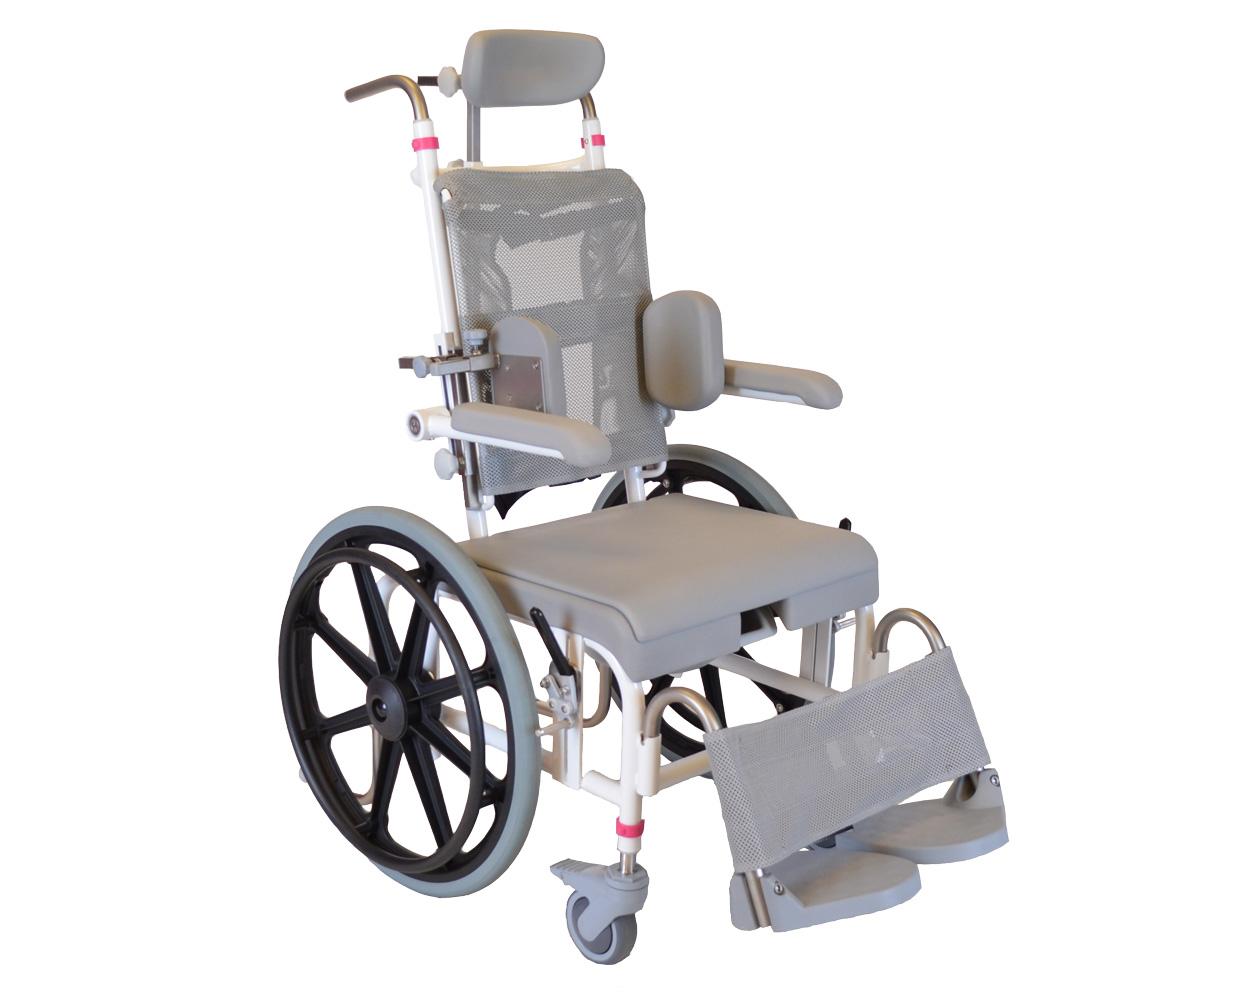 m2-mini-selbstfahrer-bcf2797f